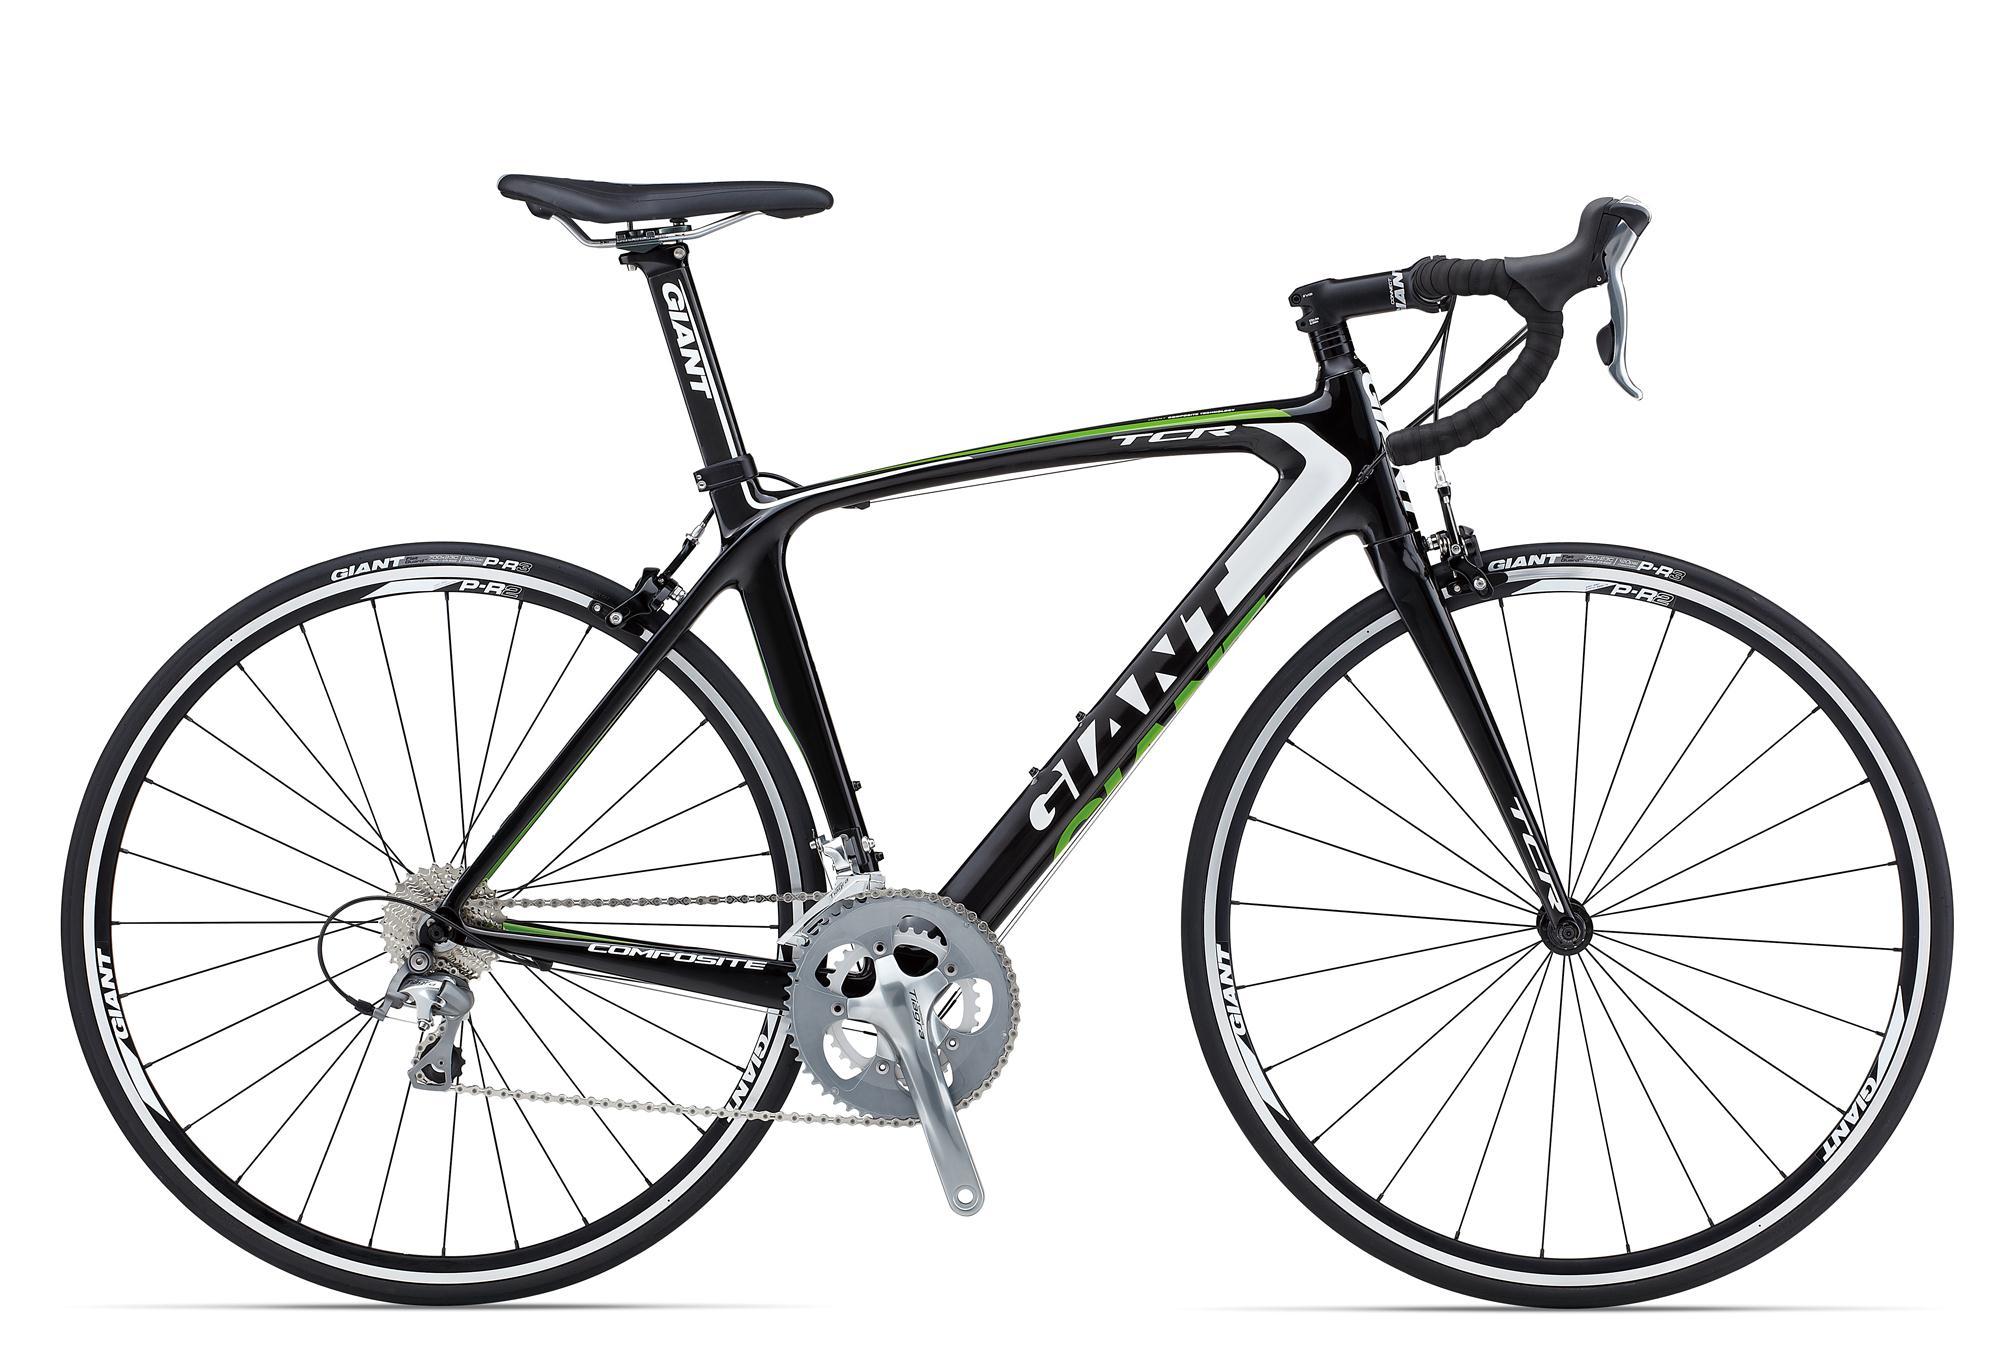 Giant Bike - Bike And Bicycle Ideas